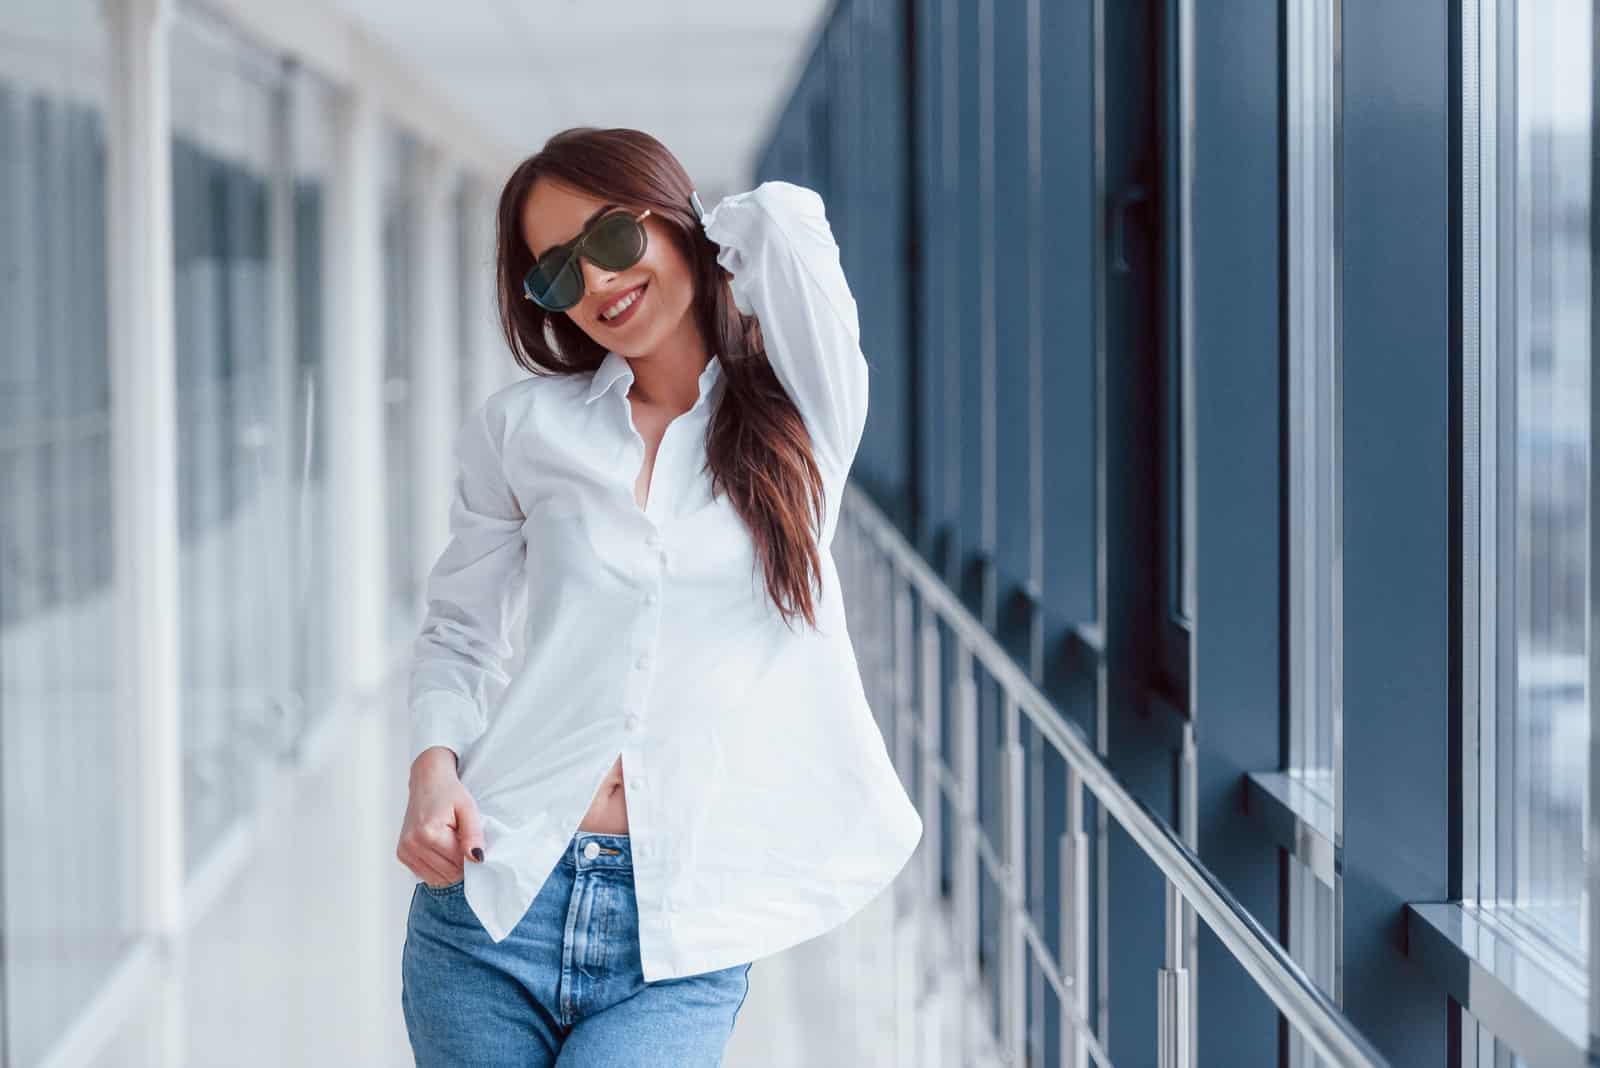 une femme aux longs cheveux bruns avec des lunettes sur la tête